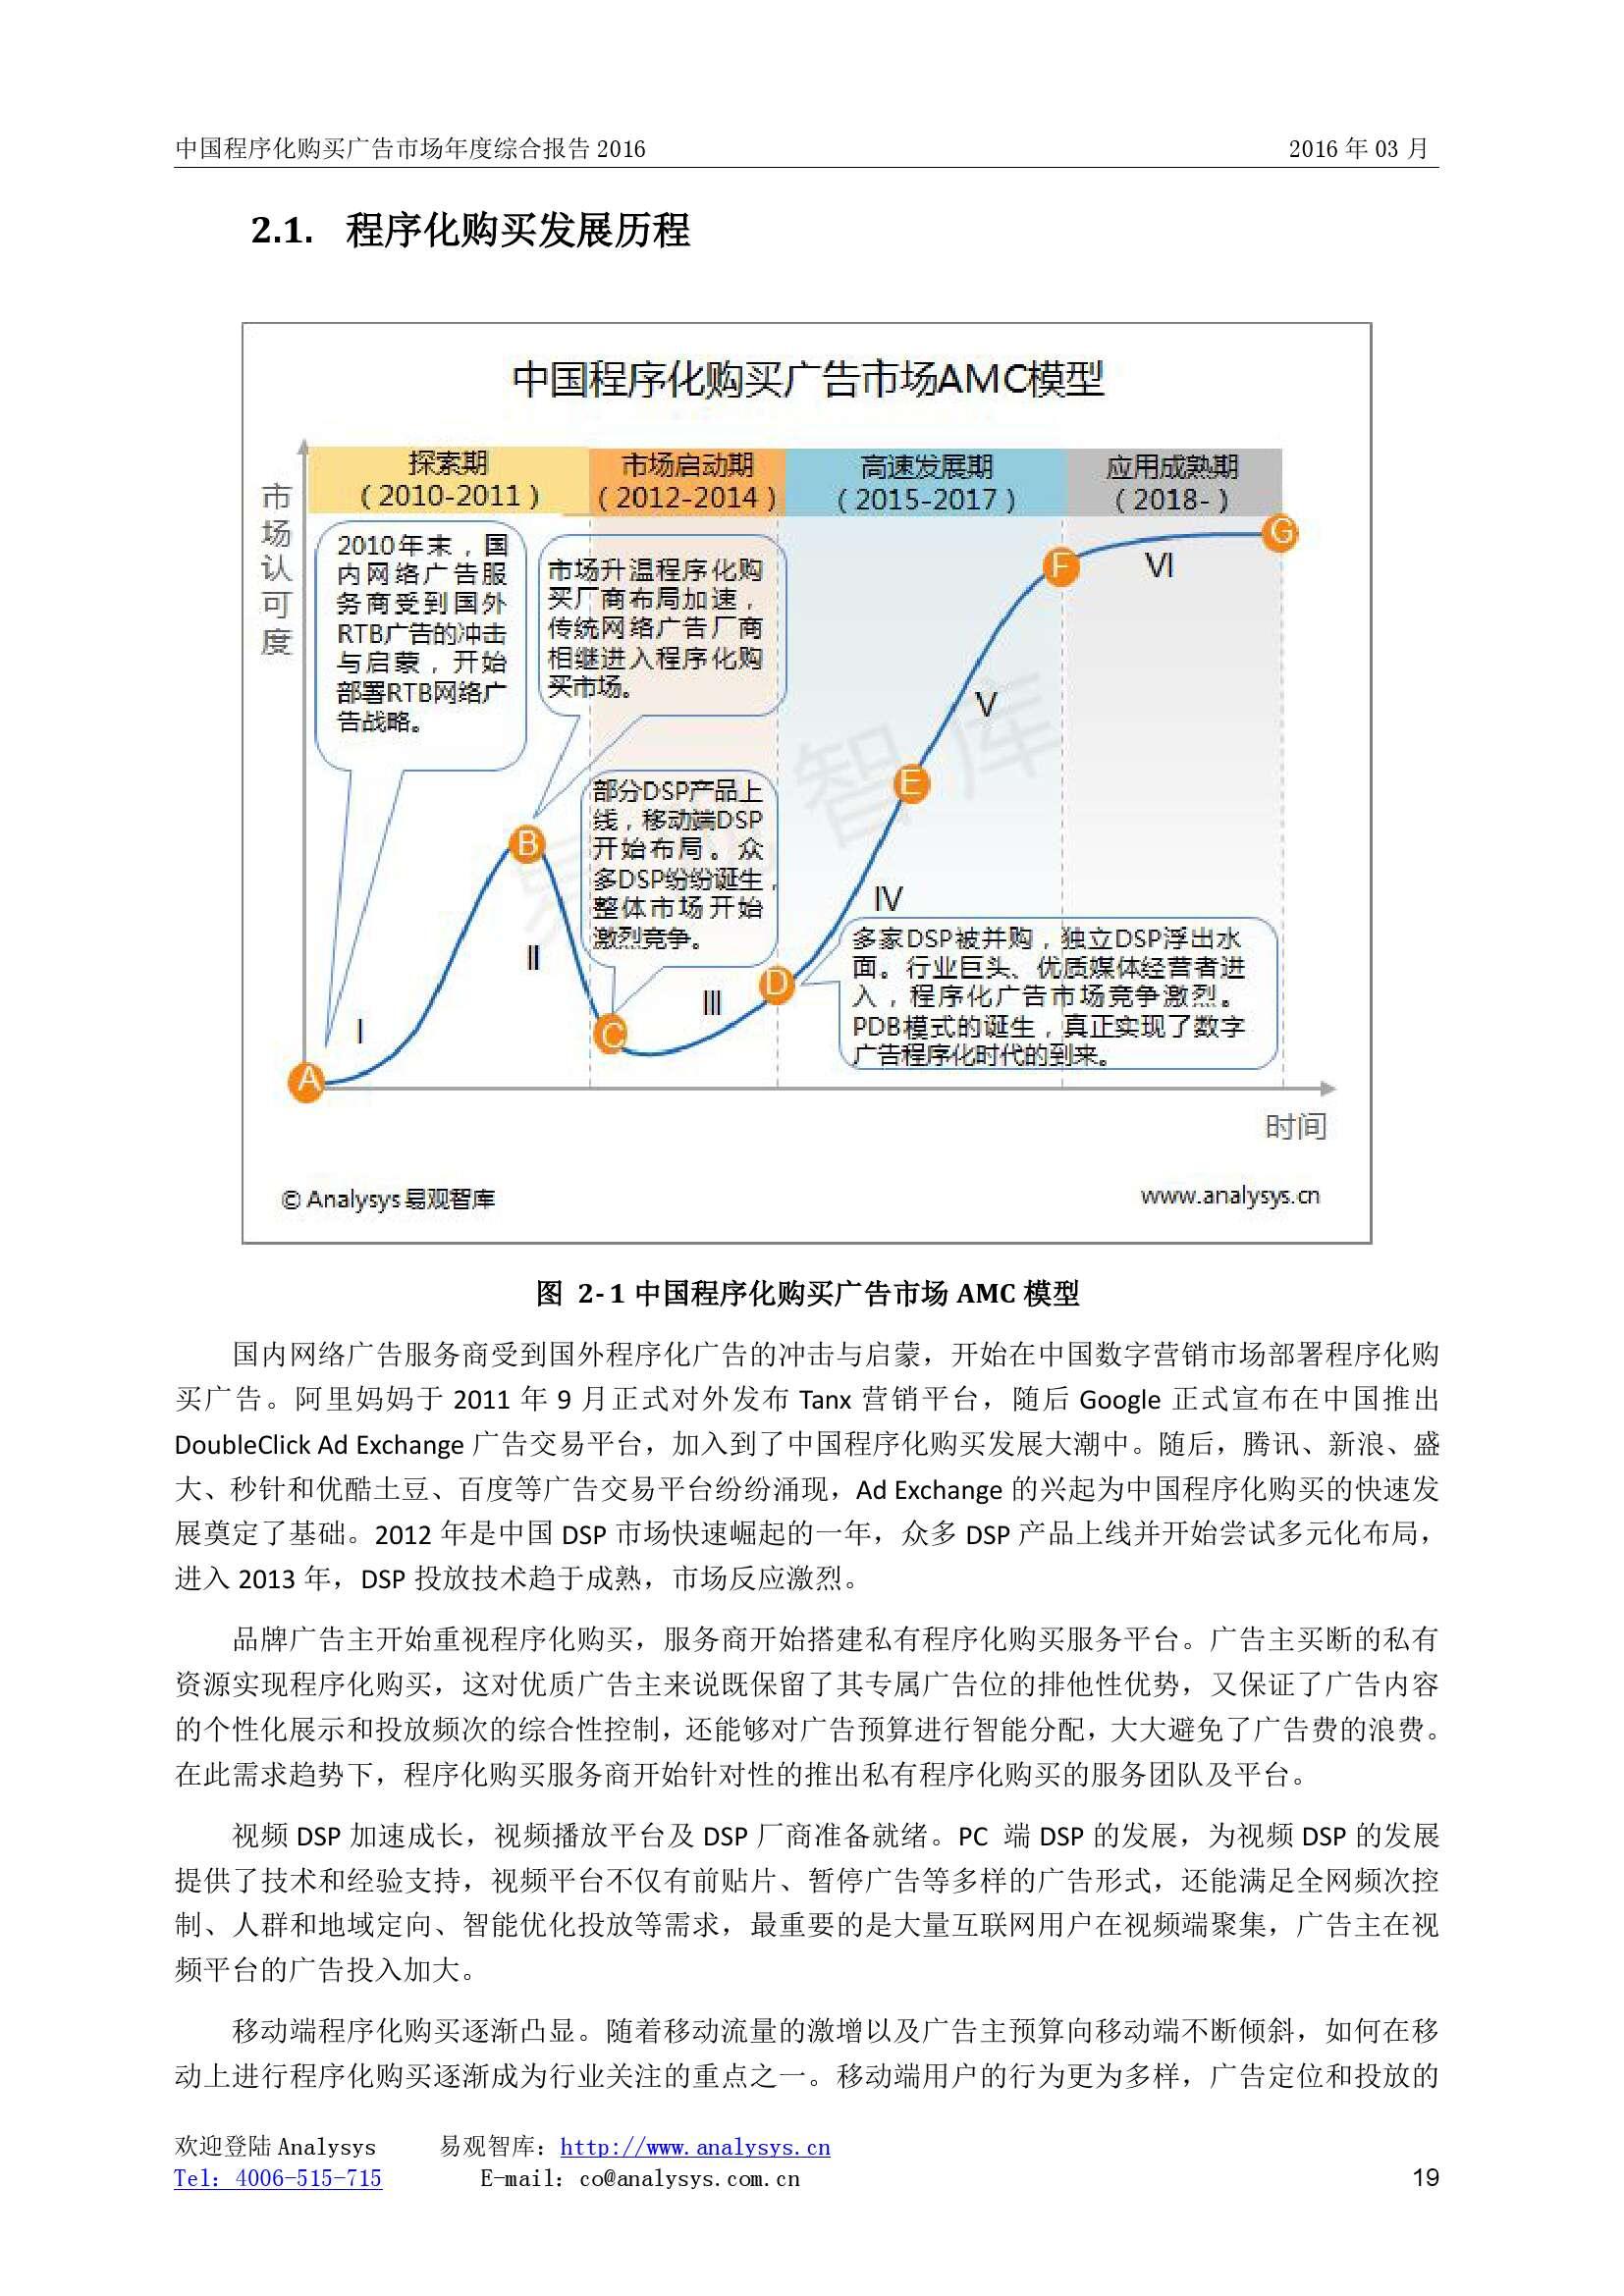 中国程序化购买广告市场年度综合报告2016_000019